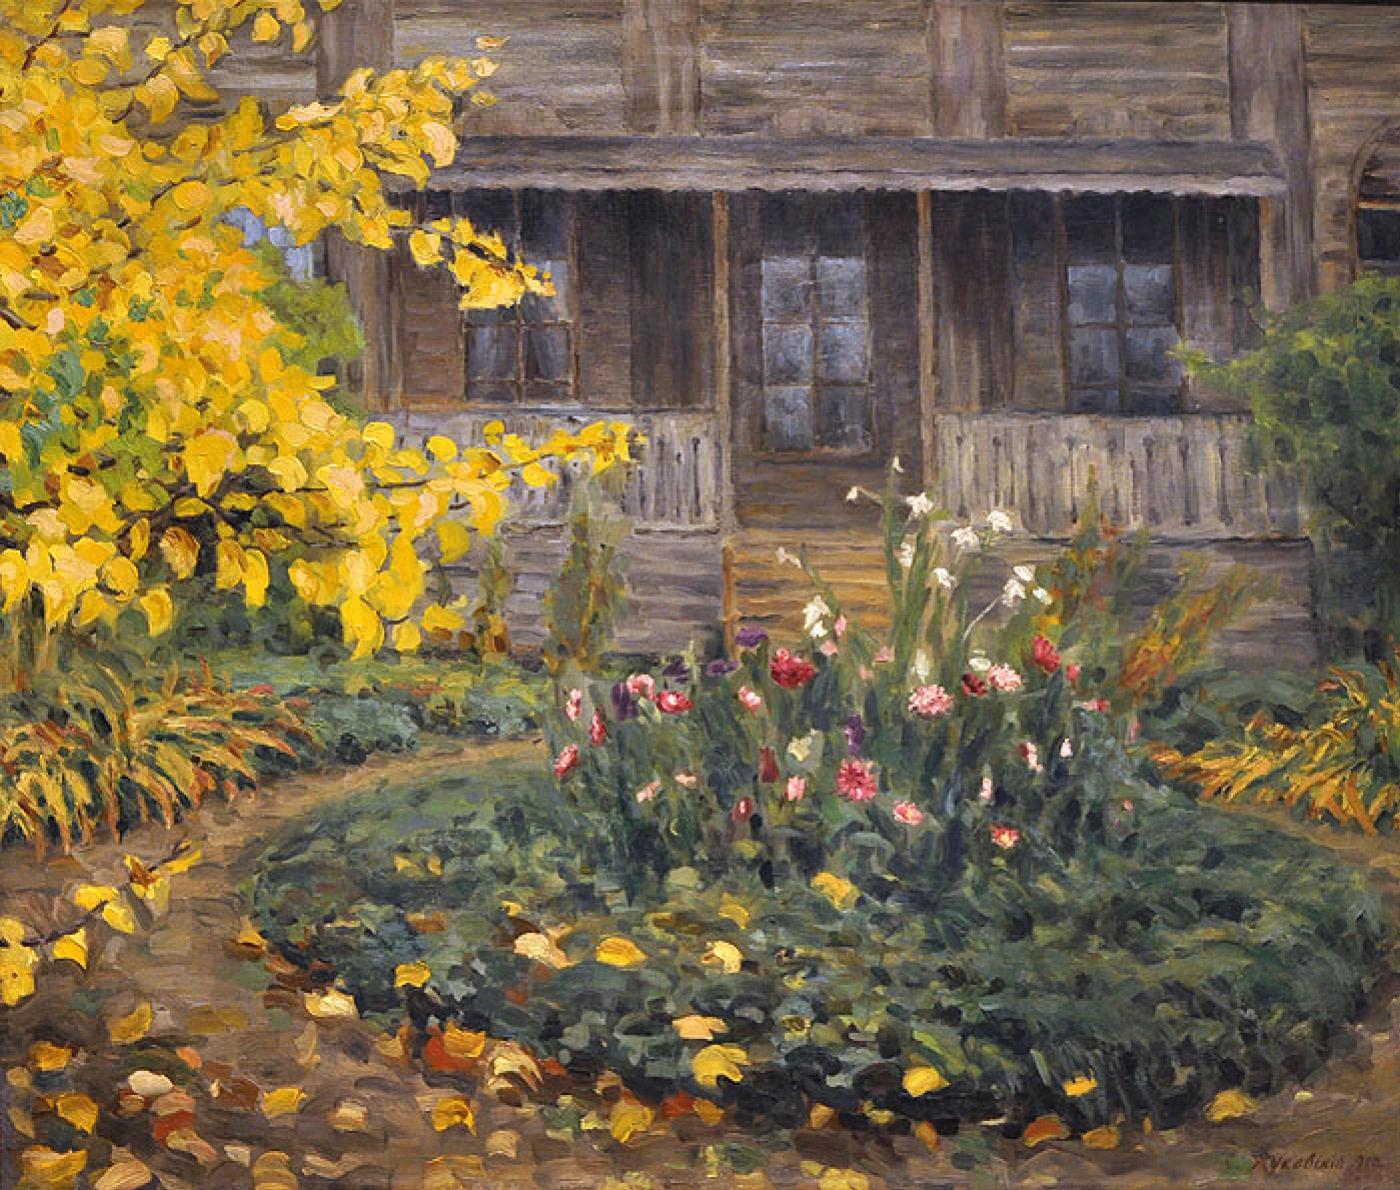 Станислав Жуковский «Осень» («Дача»), 1910